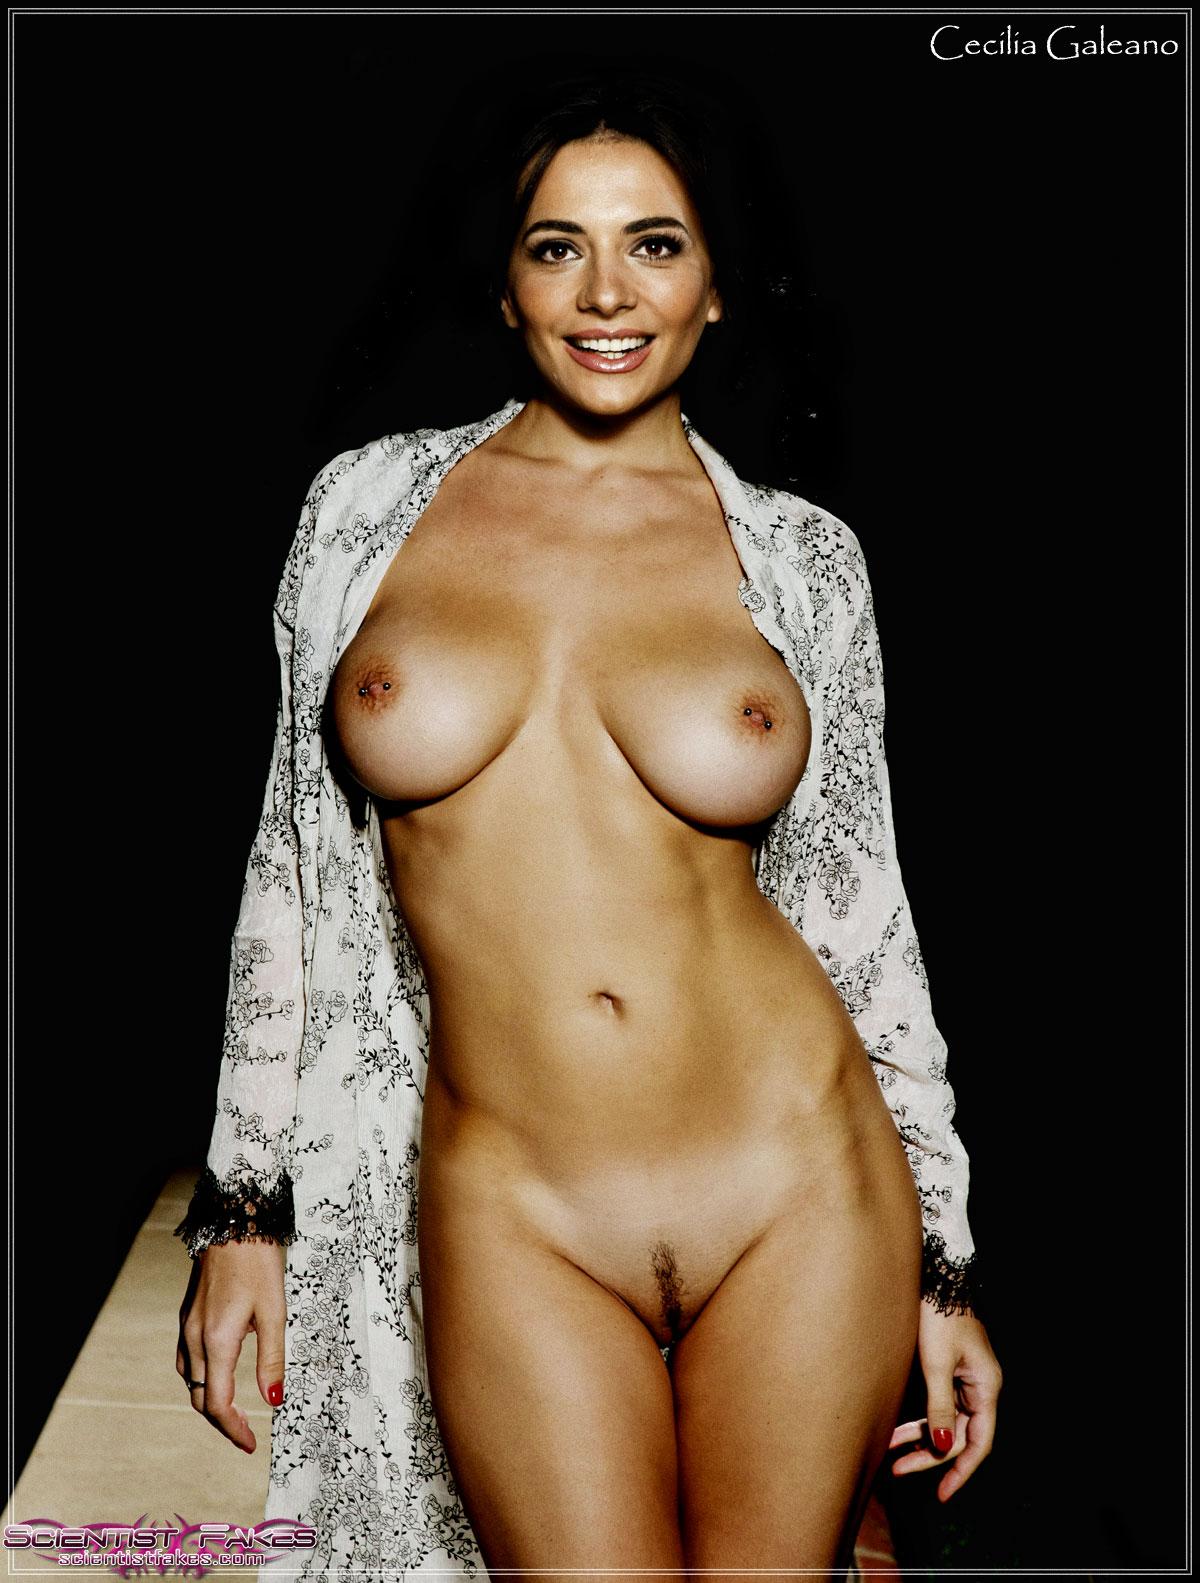 Monika schnarre nude pics